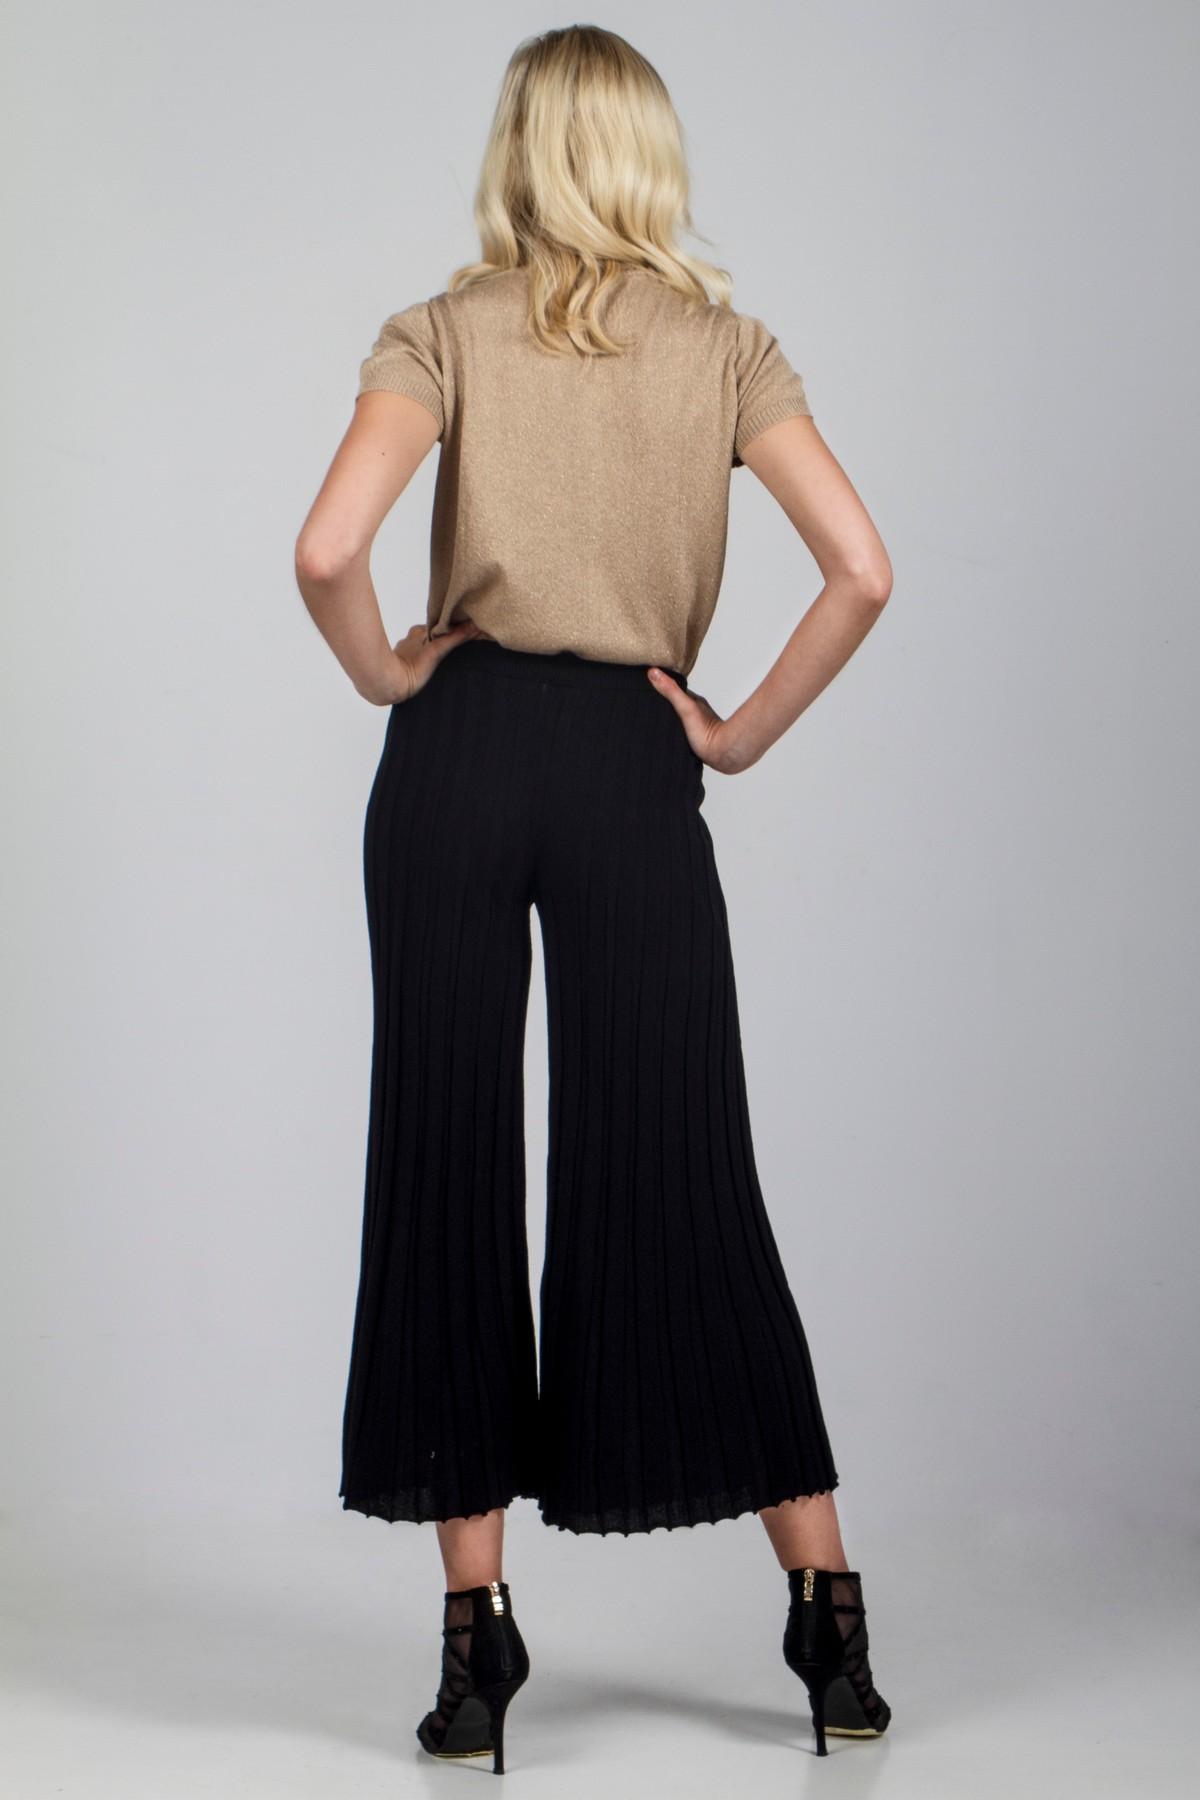 Μαύρη πλεκτή μακριά παντελόνα - aggel.eu 3c51b445a5b